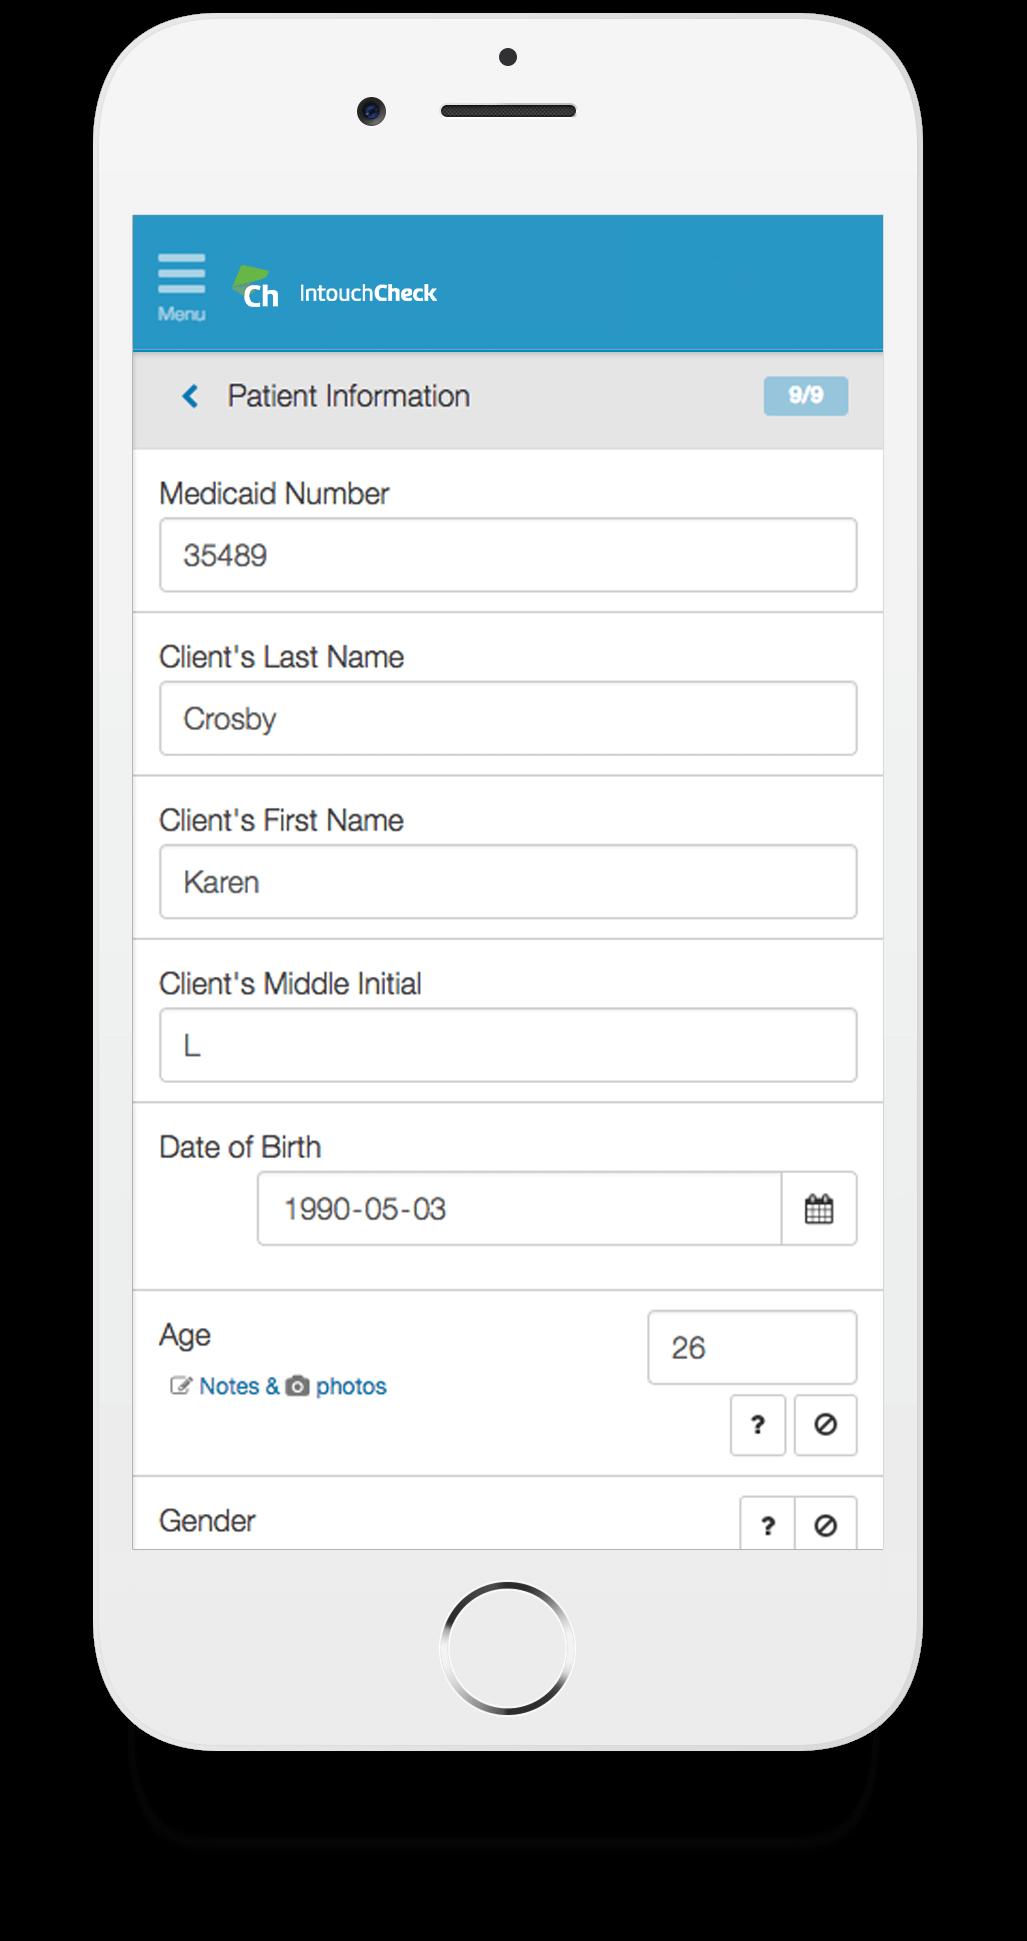 psychiatric-patient-admission-form.png